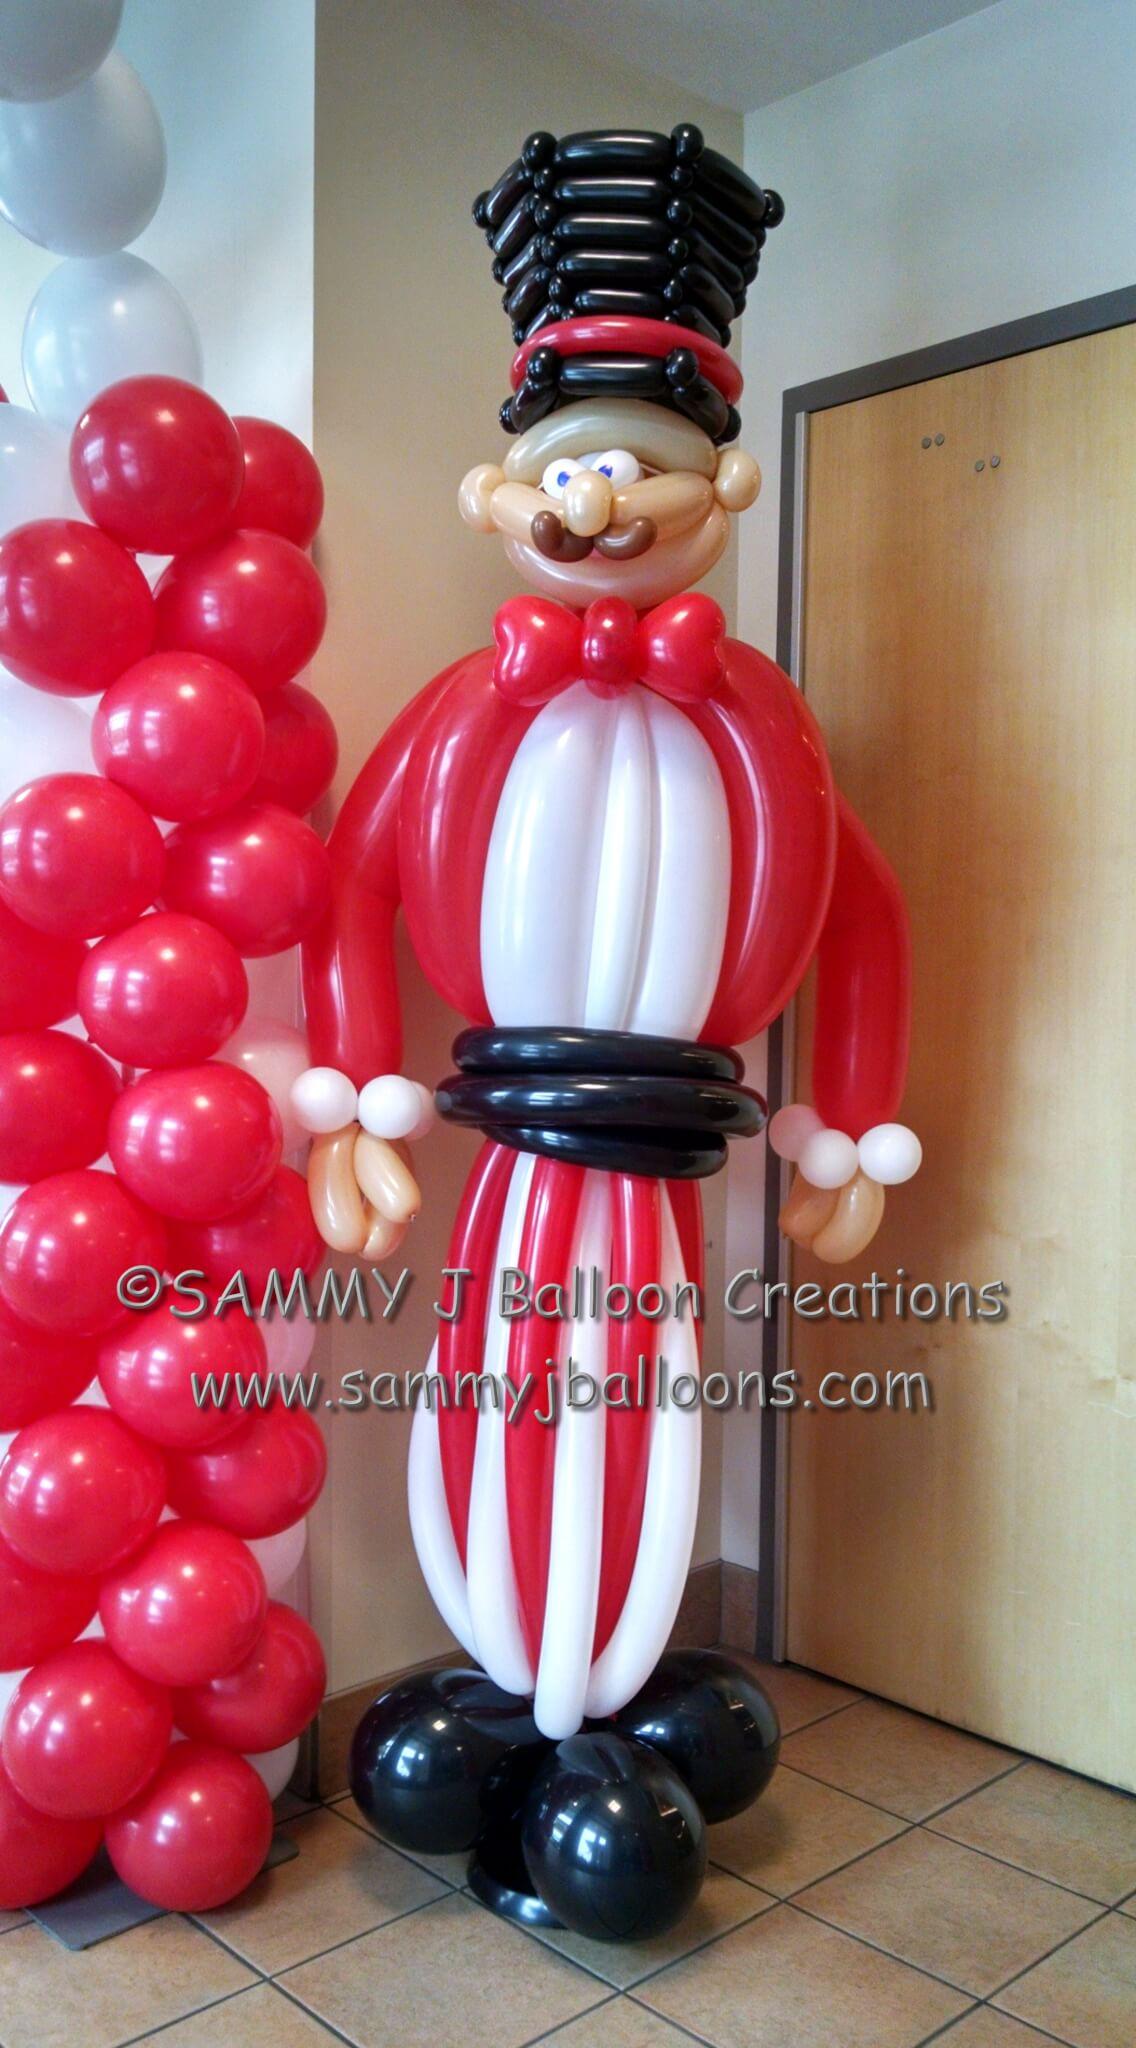 SAMMY J Balloon Creations st louis balloons ringmaster